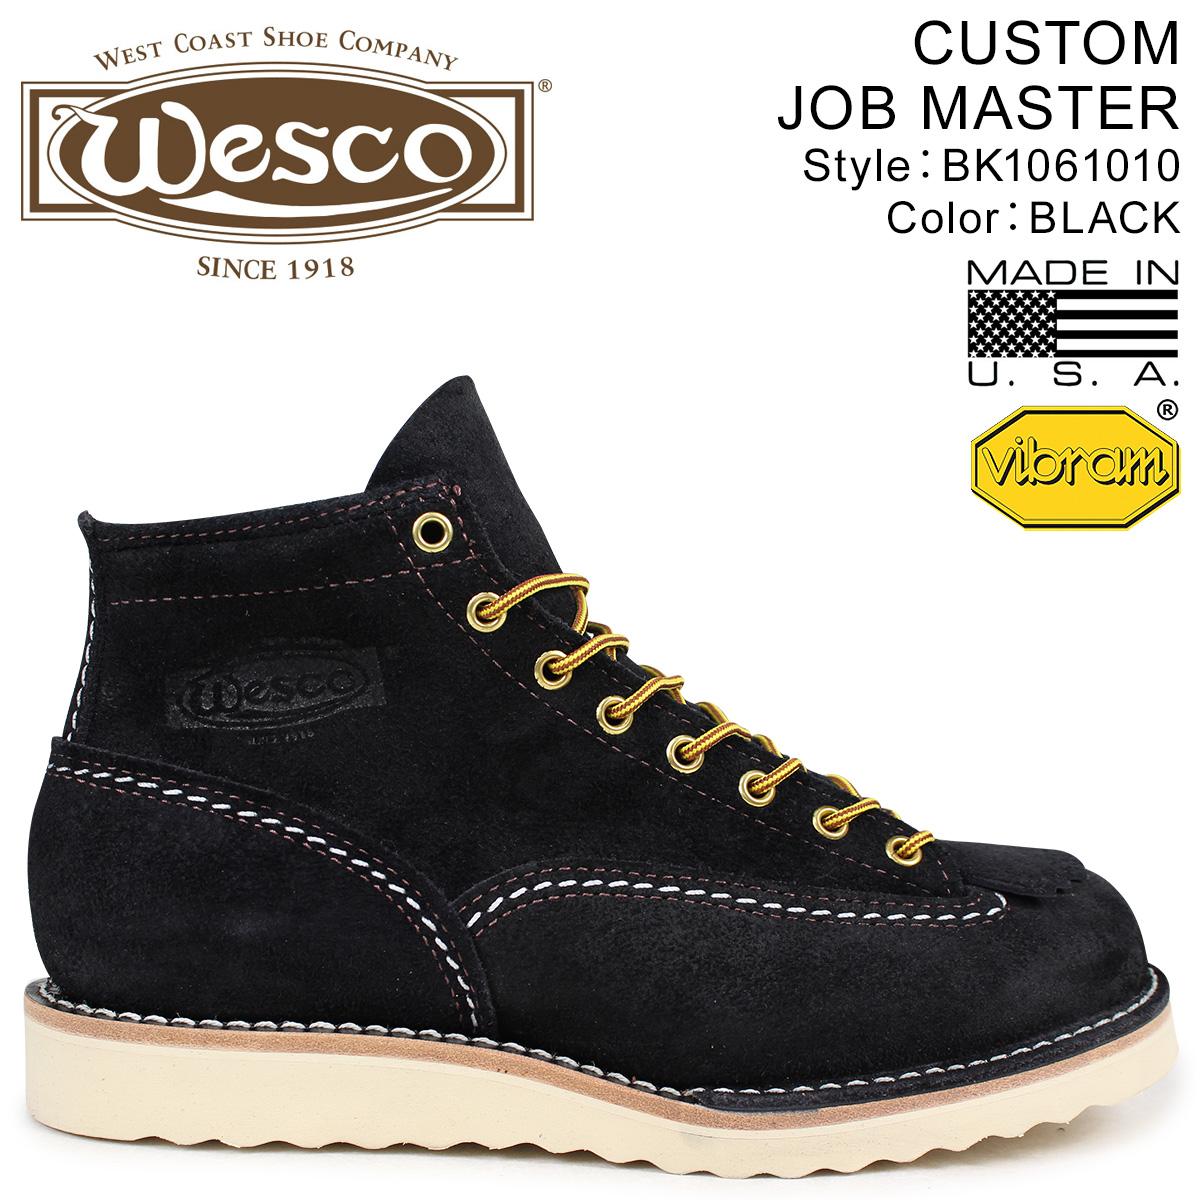 WESCO ジョブマスター ウエスコ ブーツ 6インチ カスタム 6INCH CUSTOM JOB MASTER 2Eワイズ スエード メンズ ブラック BK1061010 ウェスコ